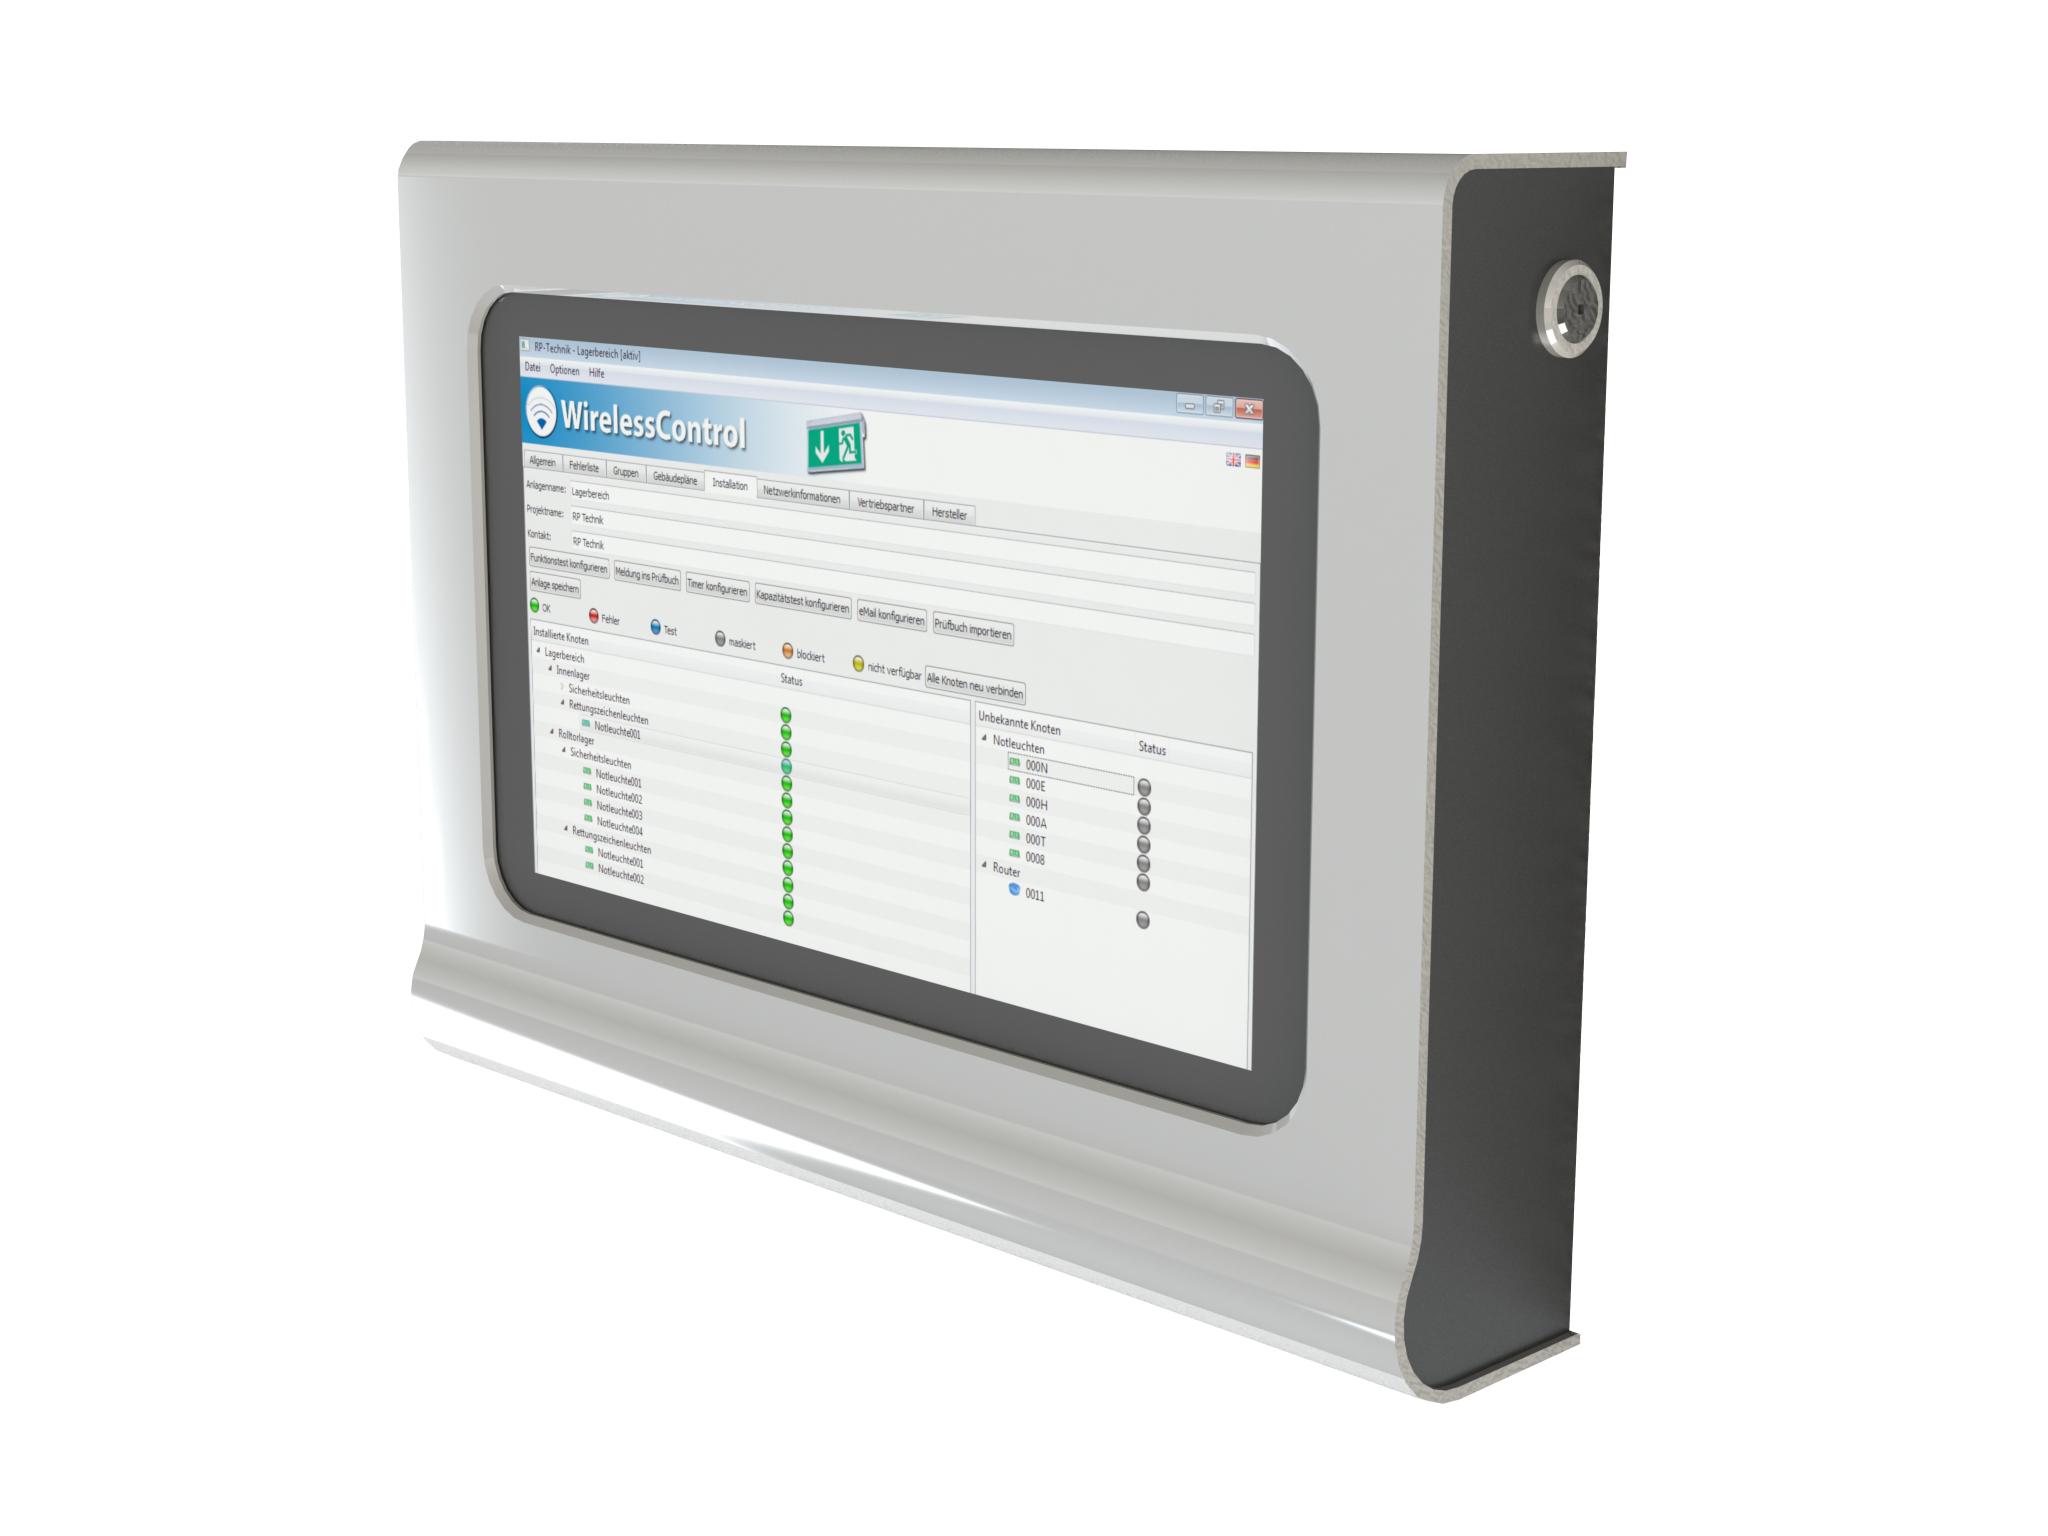 1 Stk Netbook Touch im Wandgehäuse inkl. WirelessControl Software NLWLTOUCHG